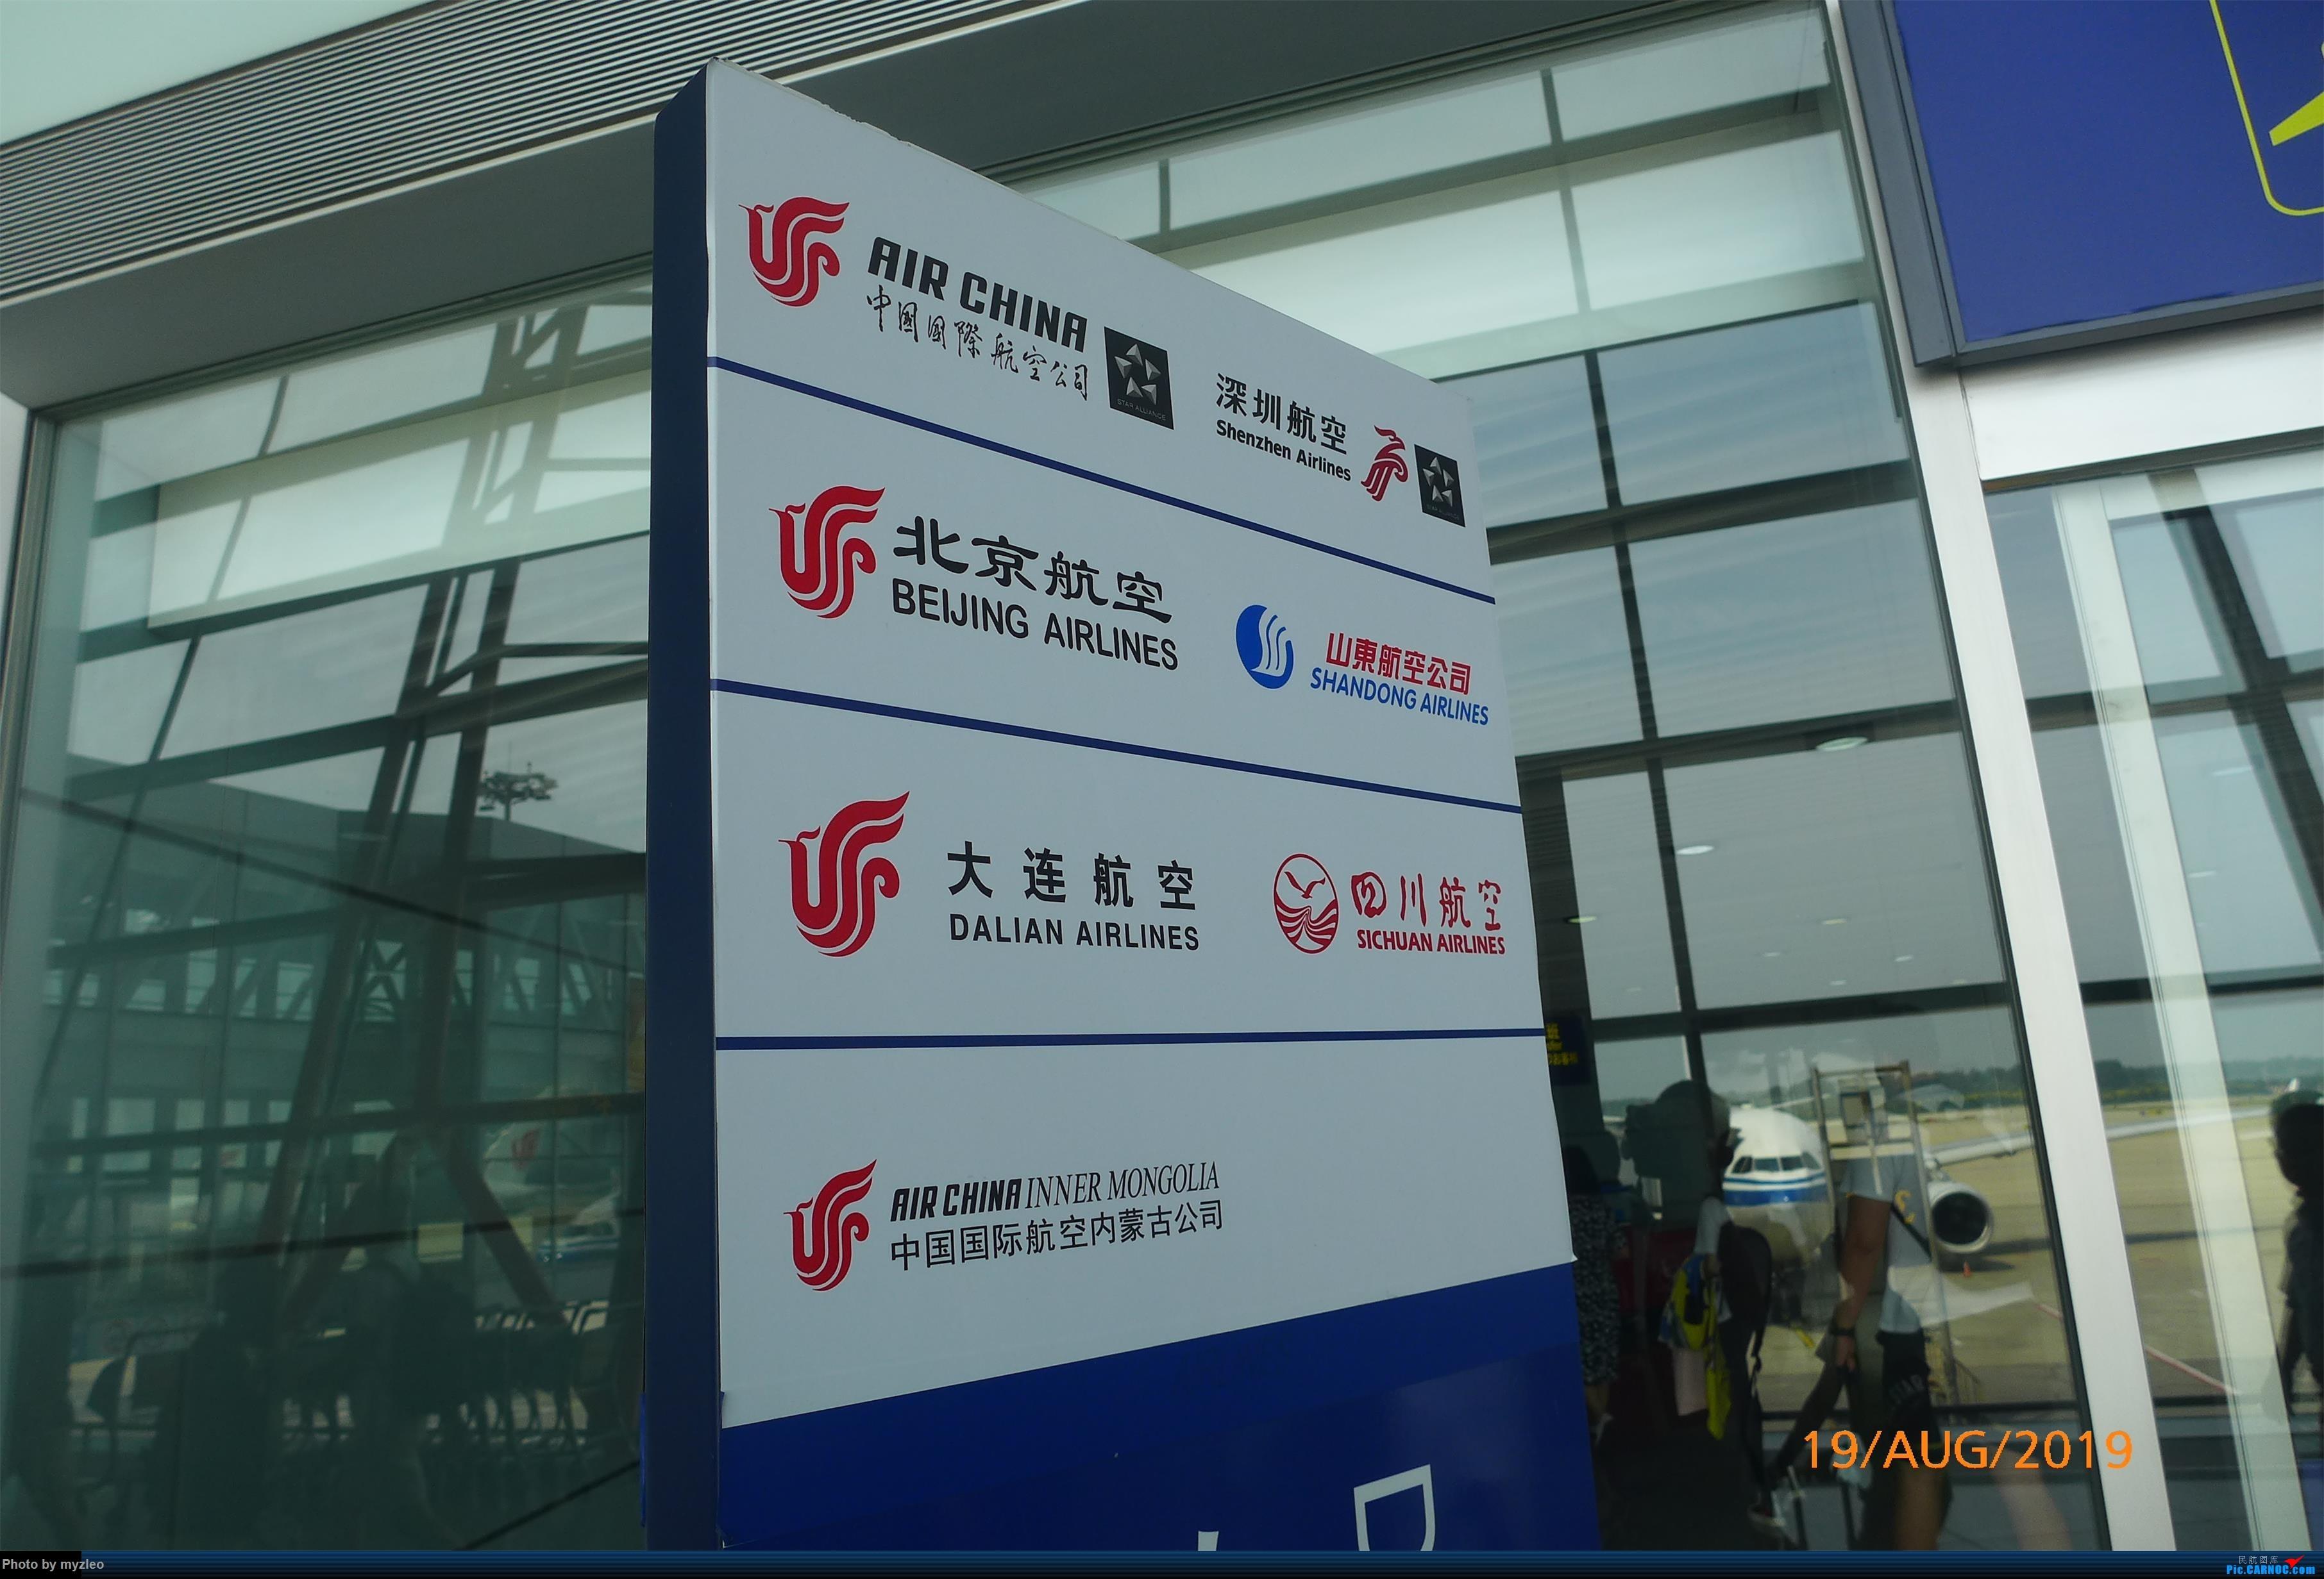 Re:[原创]【myzleo的游记5.1】梦圆一九(1)首搭国航359,北京城里到处走 AIRBUS A330-300 B-5913 中国北京首都国际机场 中国北京首都国际机场